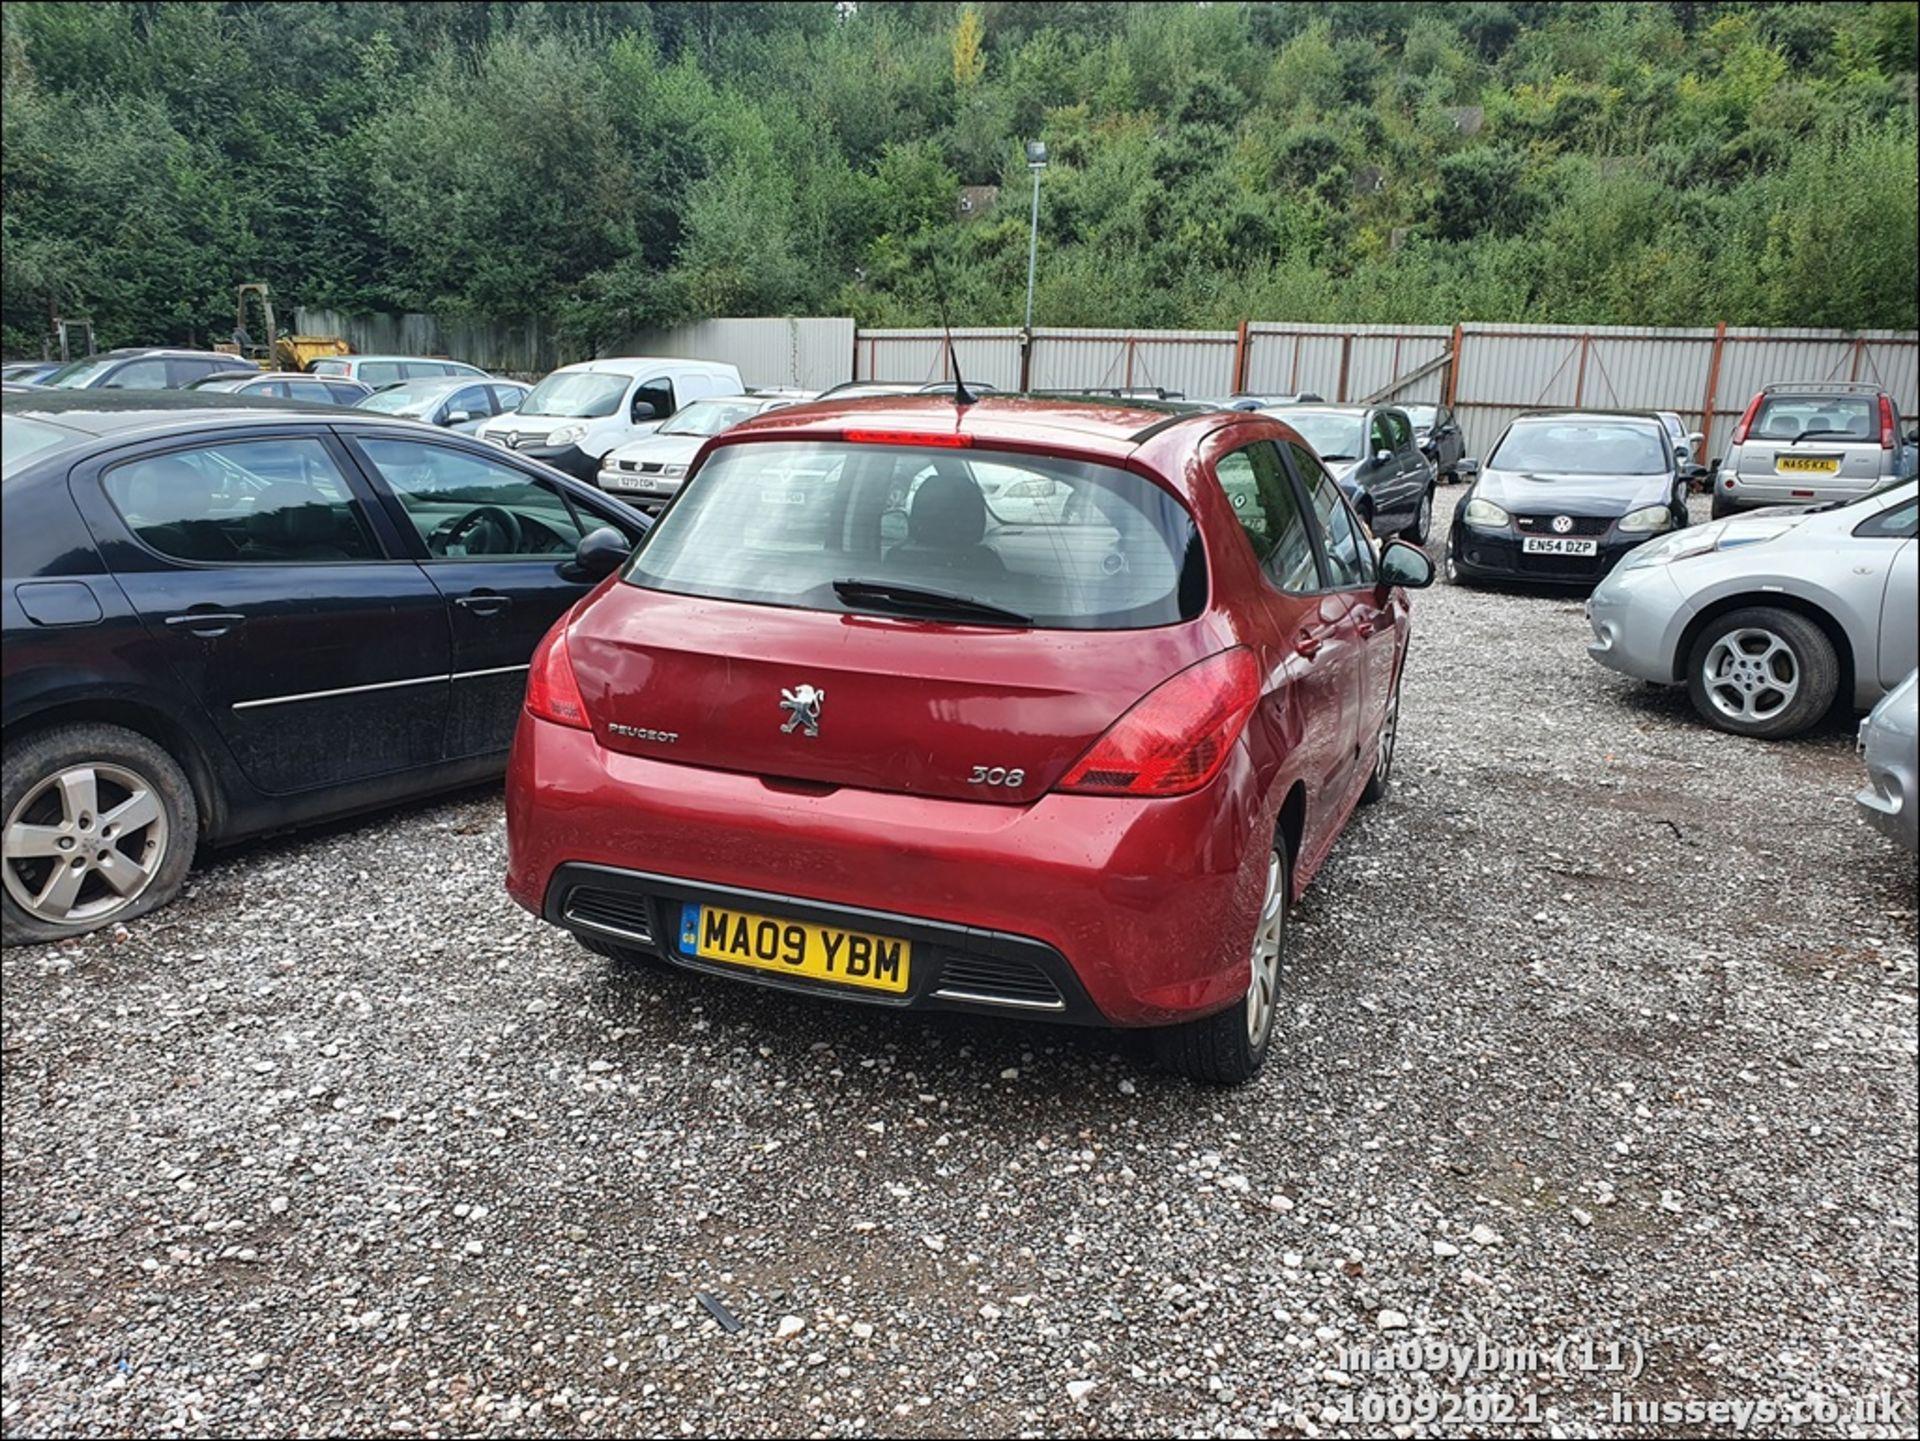 09/09 PEUGEOT 308 SE HDI - 1560cc 5dr Hatchback (Red) - Image 11 of 19